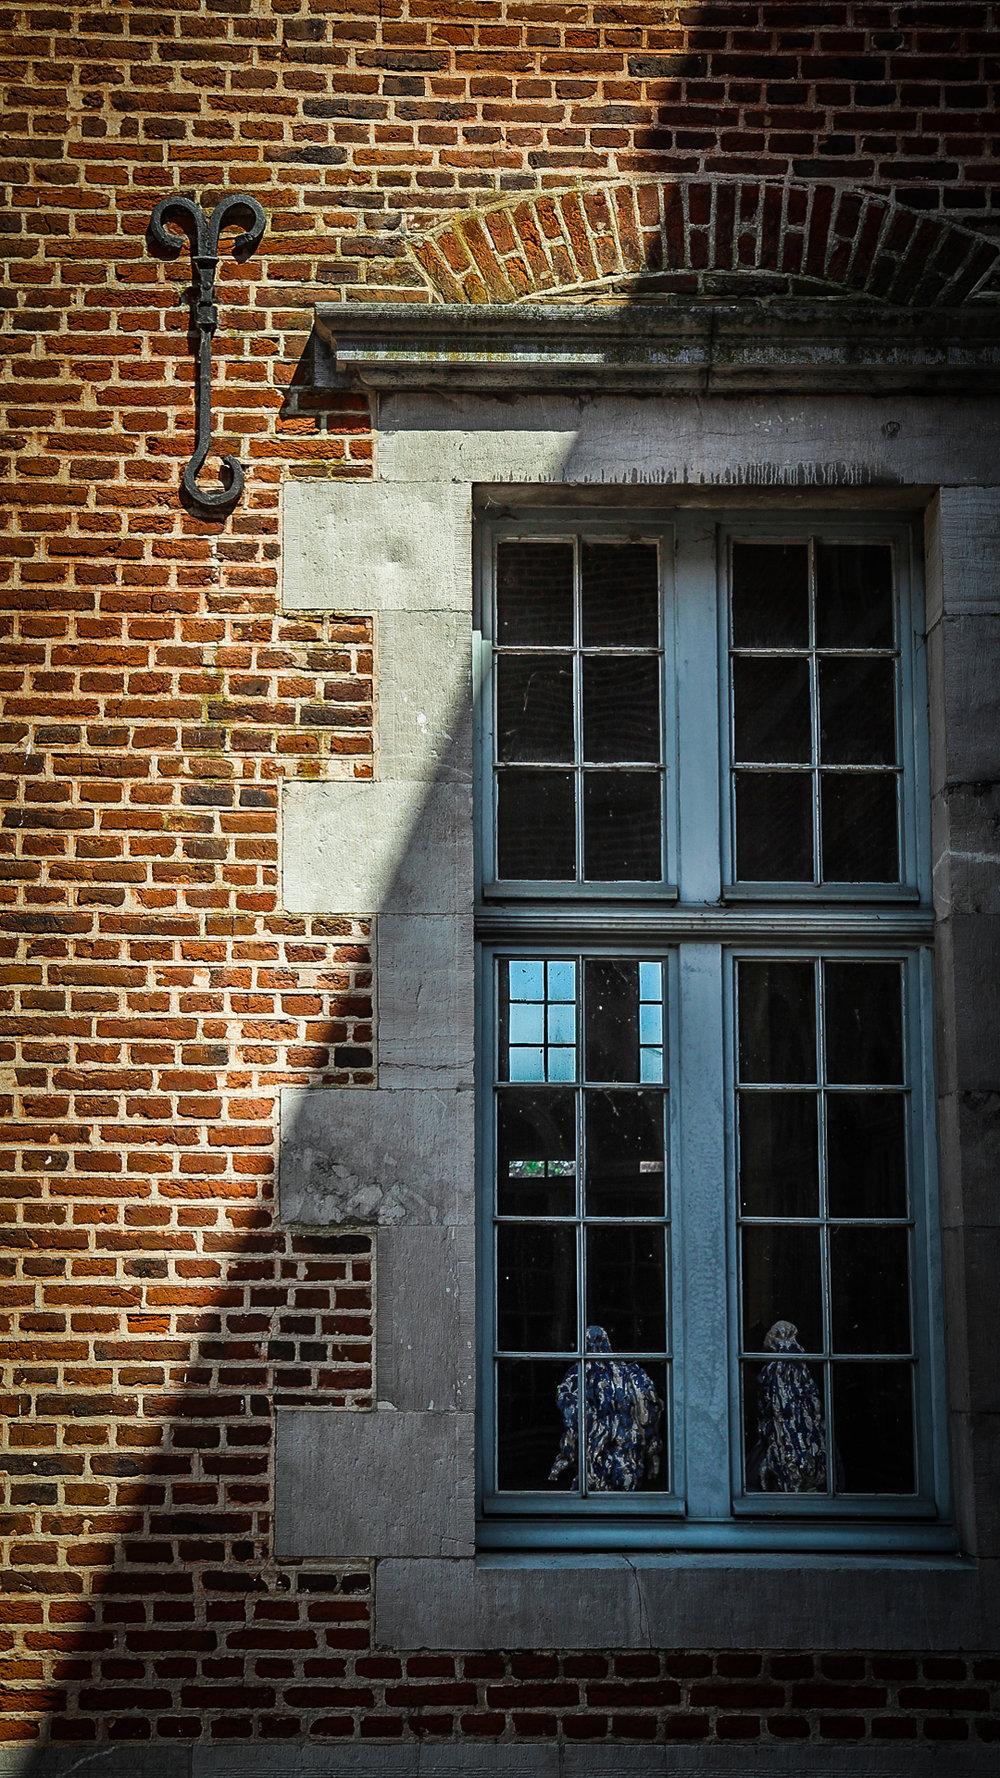 GiaZoo_Met_kinderen_onderweg_Maastricht_Zuidlimburg_limburglonkt-7.JPG